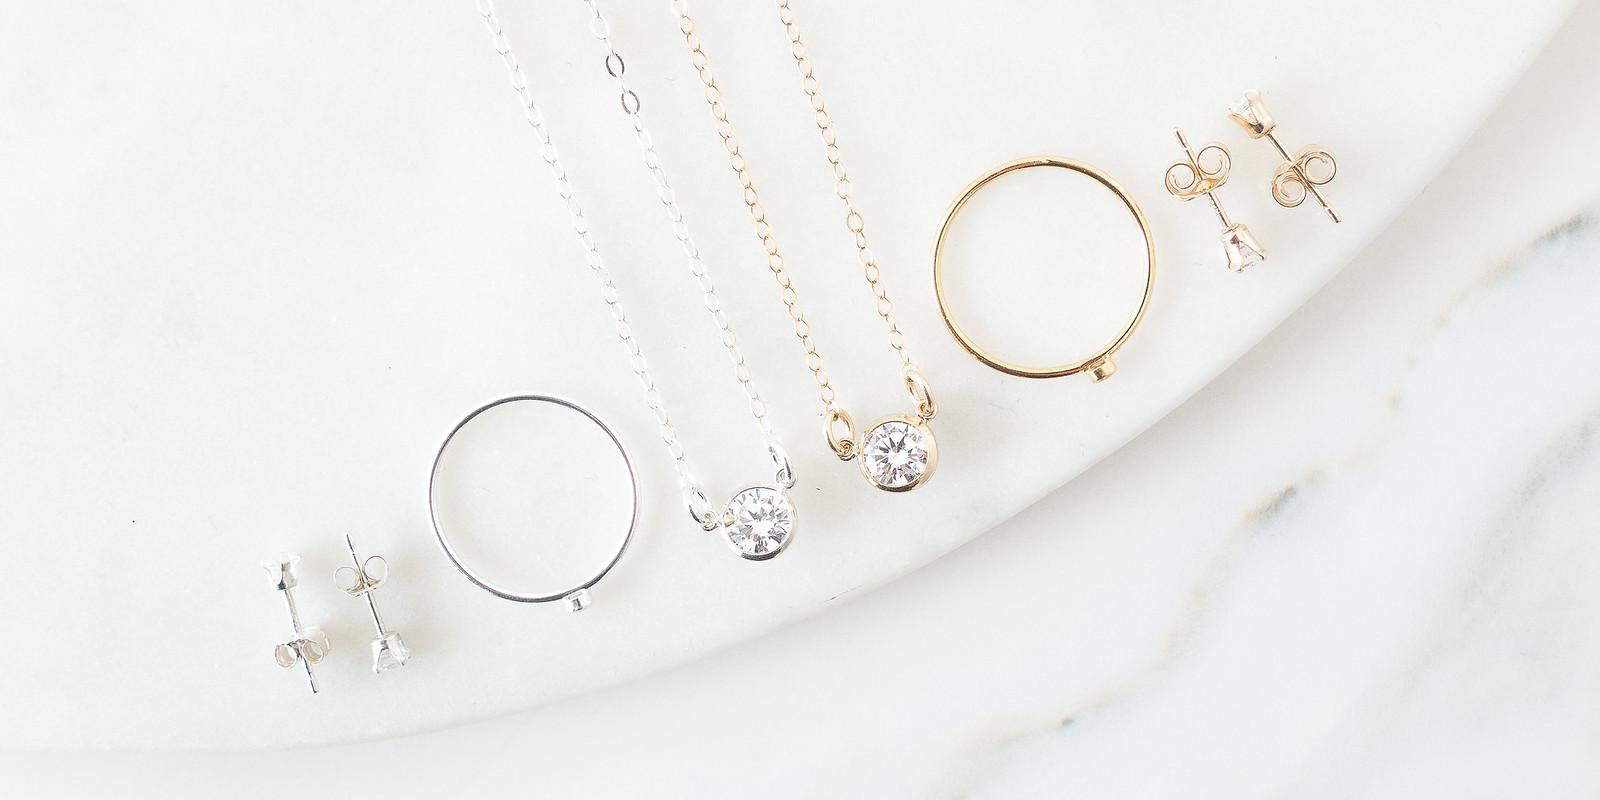 Minimal Diamond Jewellery Handmade UK